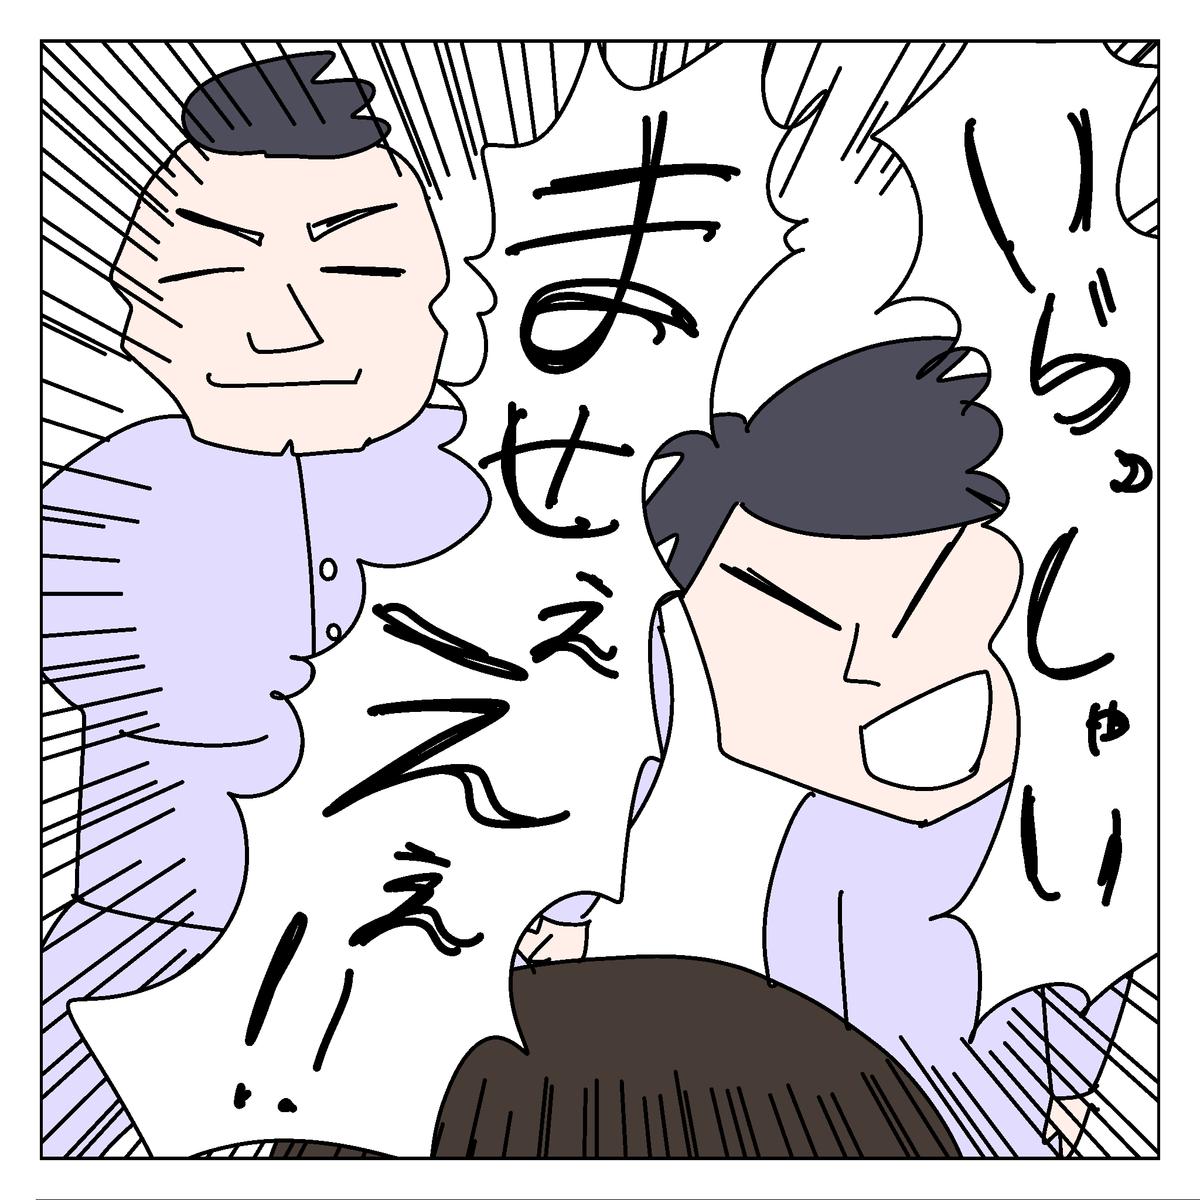 f:id:YuruFuwaTa:20200430102712p:plain